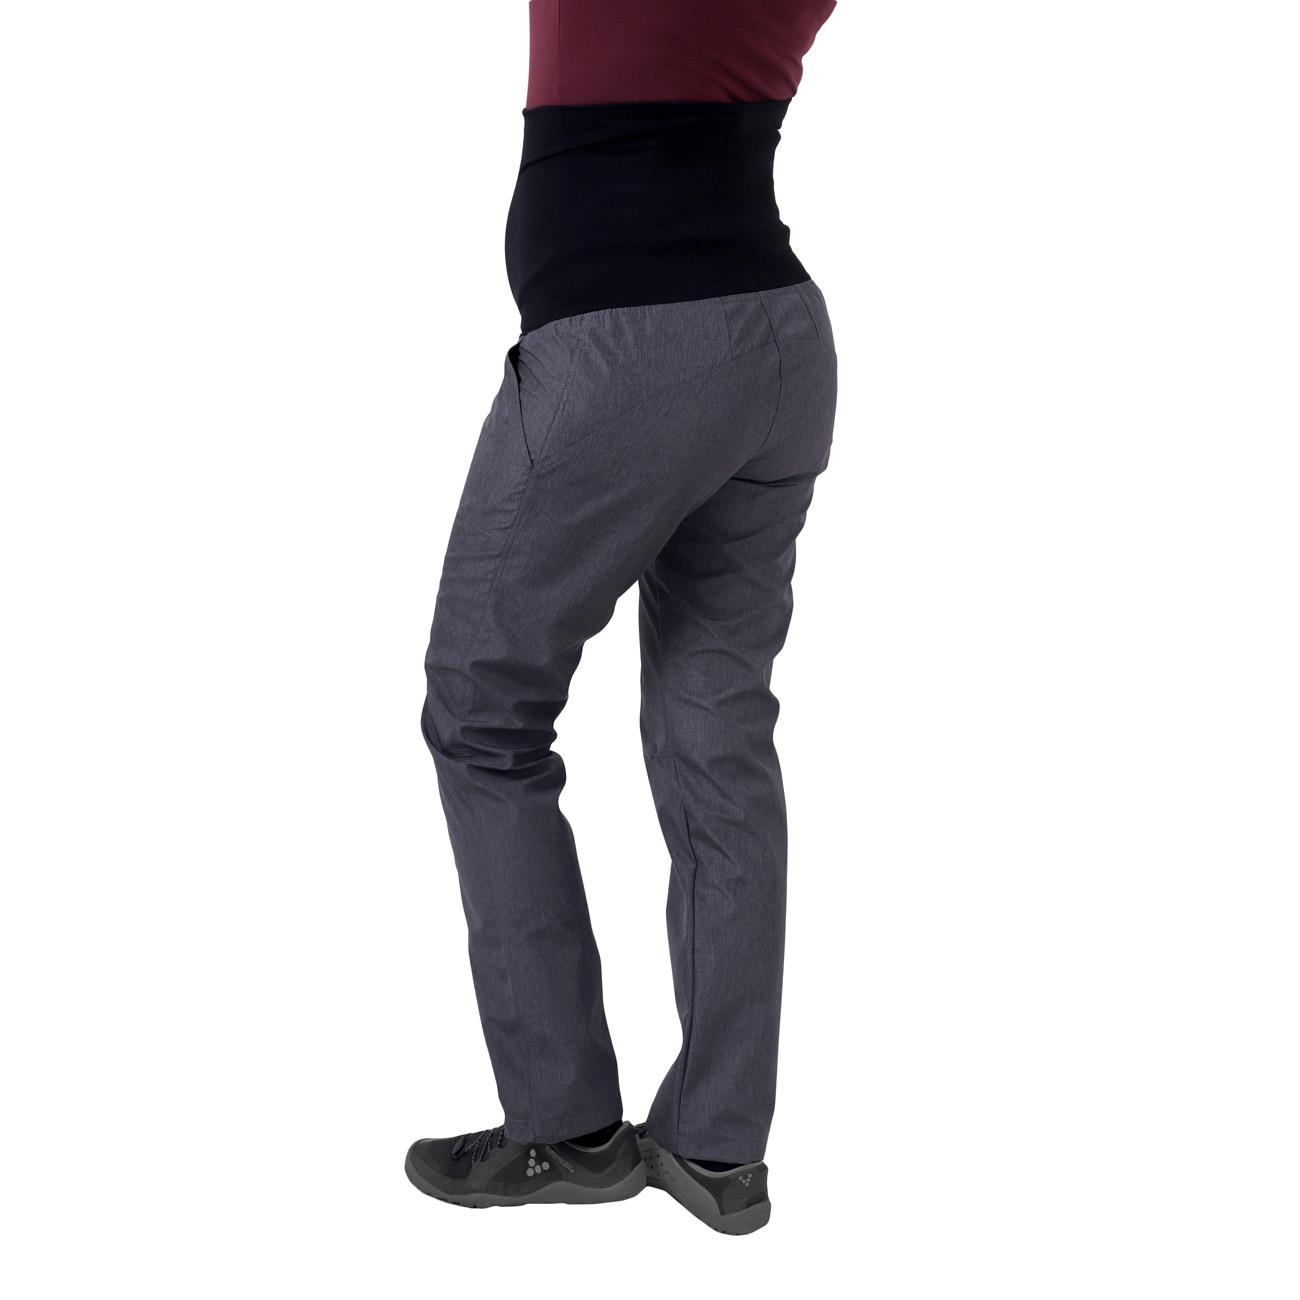 Jarní/letní těhotenské softshellové kalhoty liva, šedý melír, 44 normální délka